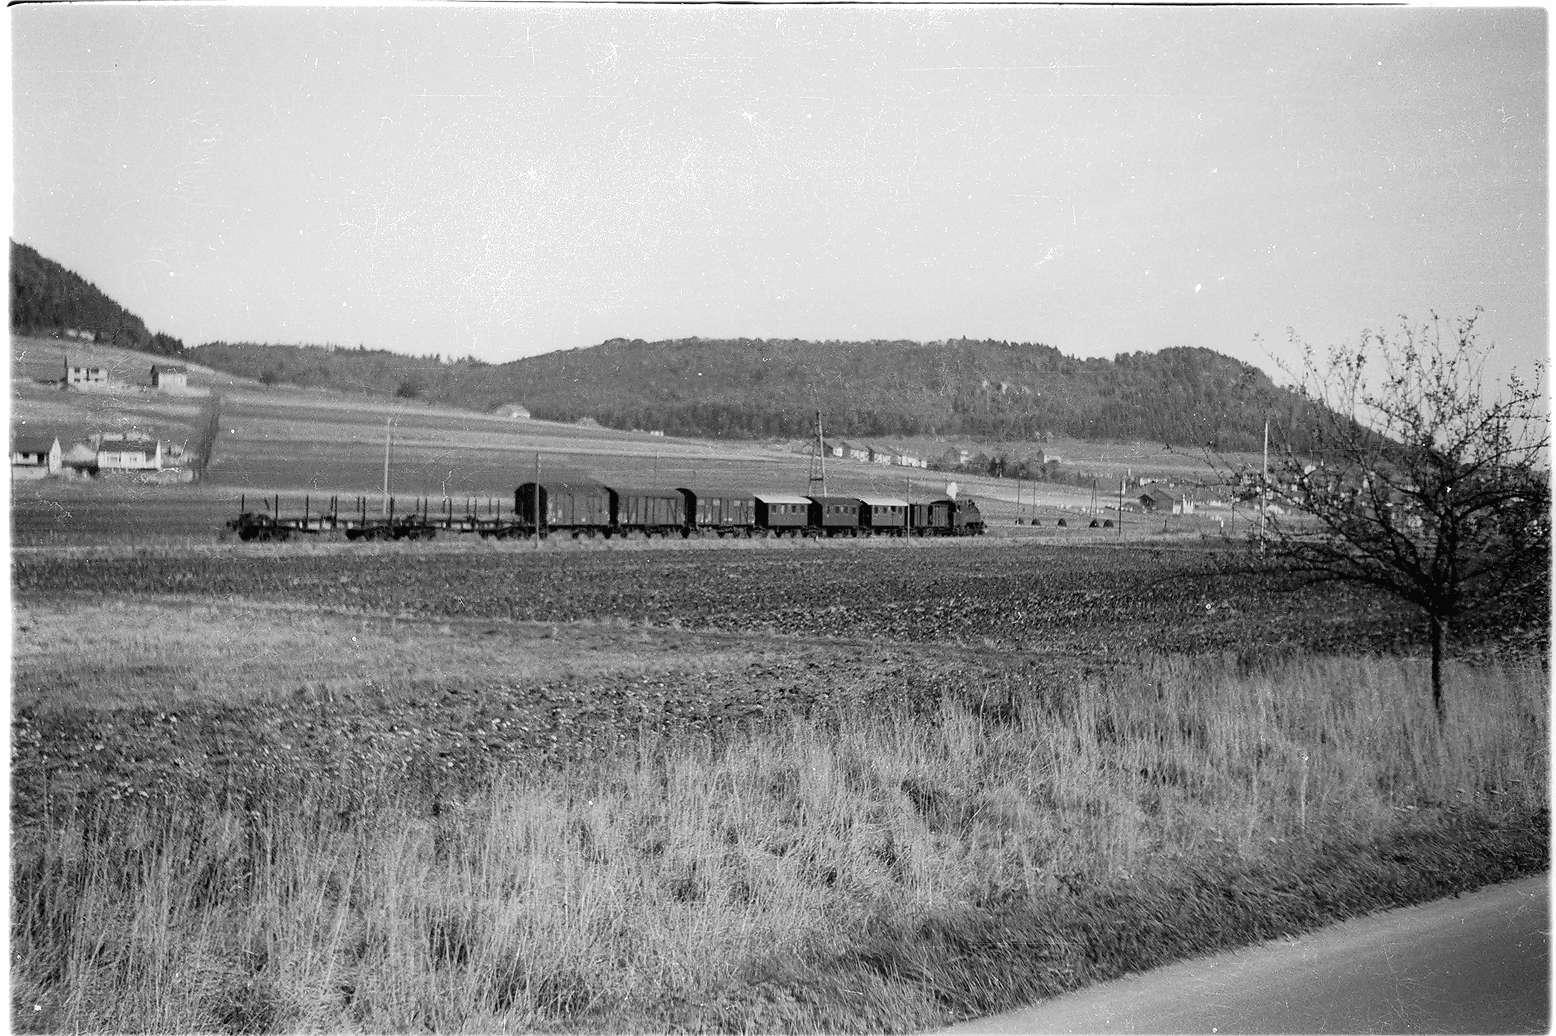 Strecke Hausen - Burladingen, Lok 16 hat es geschafft, am Schluss des Güterzuges laufen Wagen mit Roheisen, betimmt für Laucherthal, Bild 1